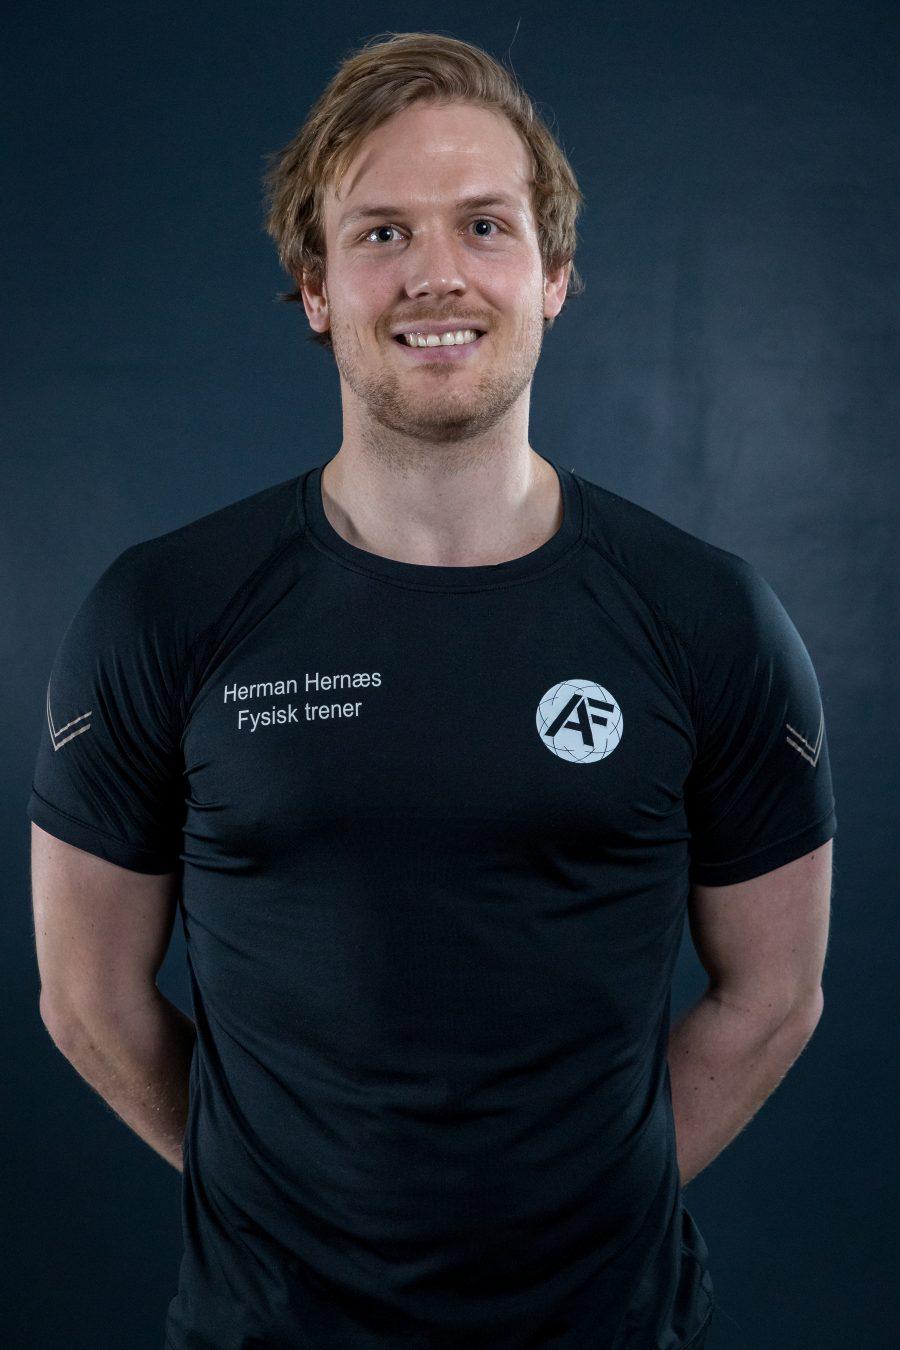 Herman Hernæs